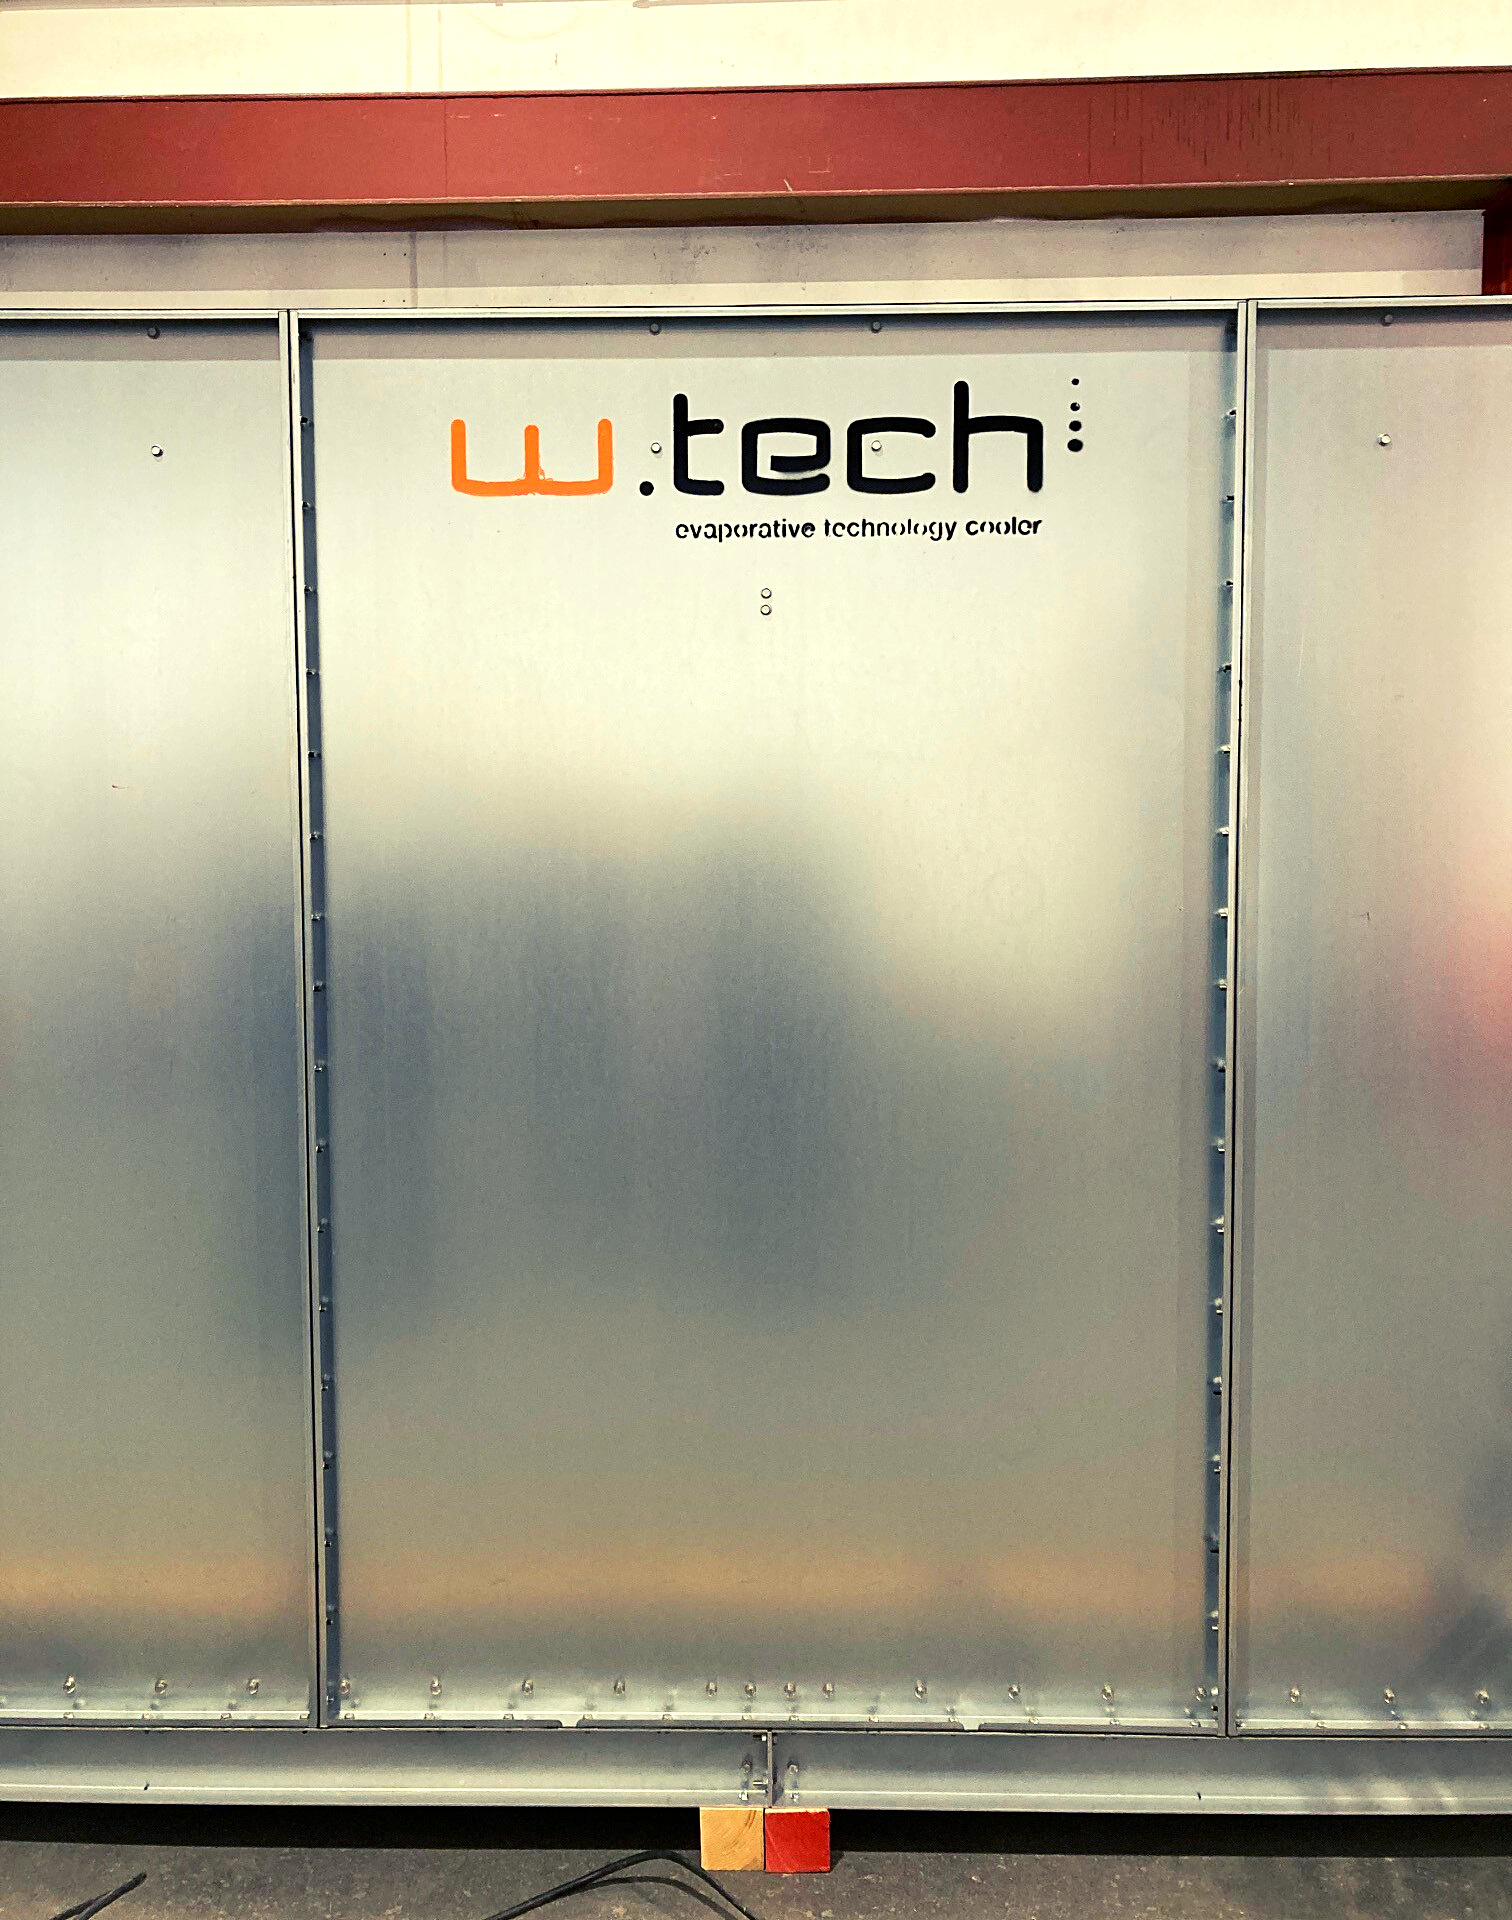 Macchinari W-tech: Sistemi costruiti per durare nel tempo grazie al Magnelis ZM310